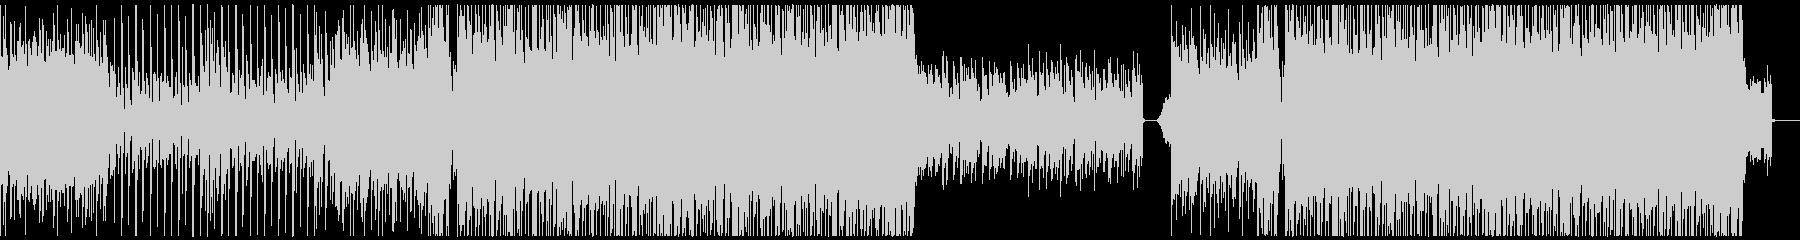 シンセウェーブ・80s・レトロ/メロなしの未再生の波形